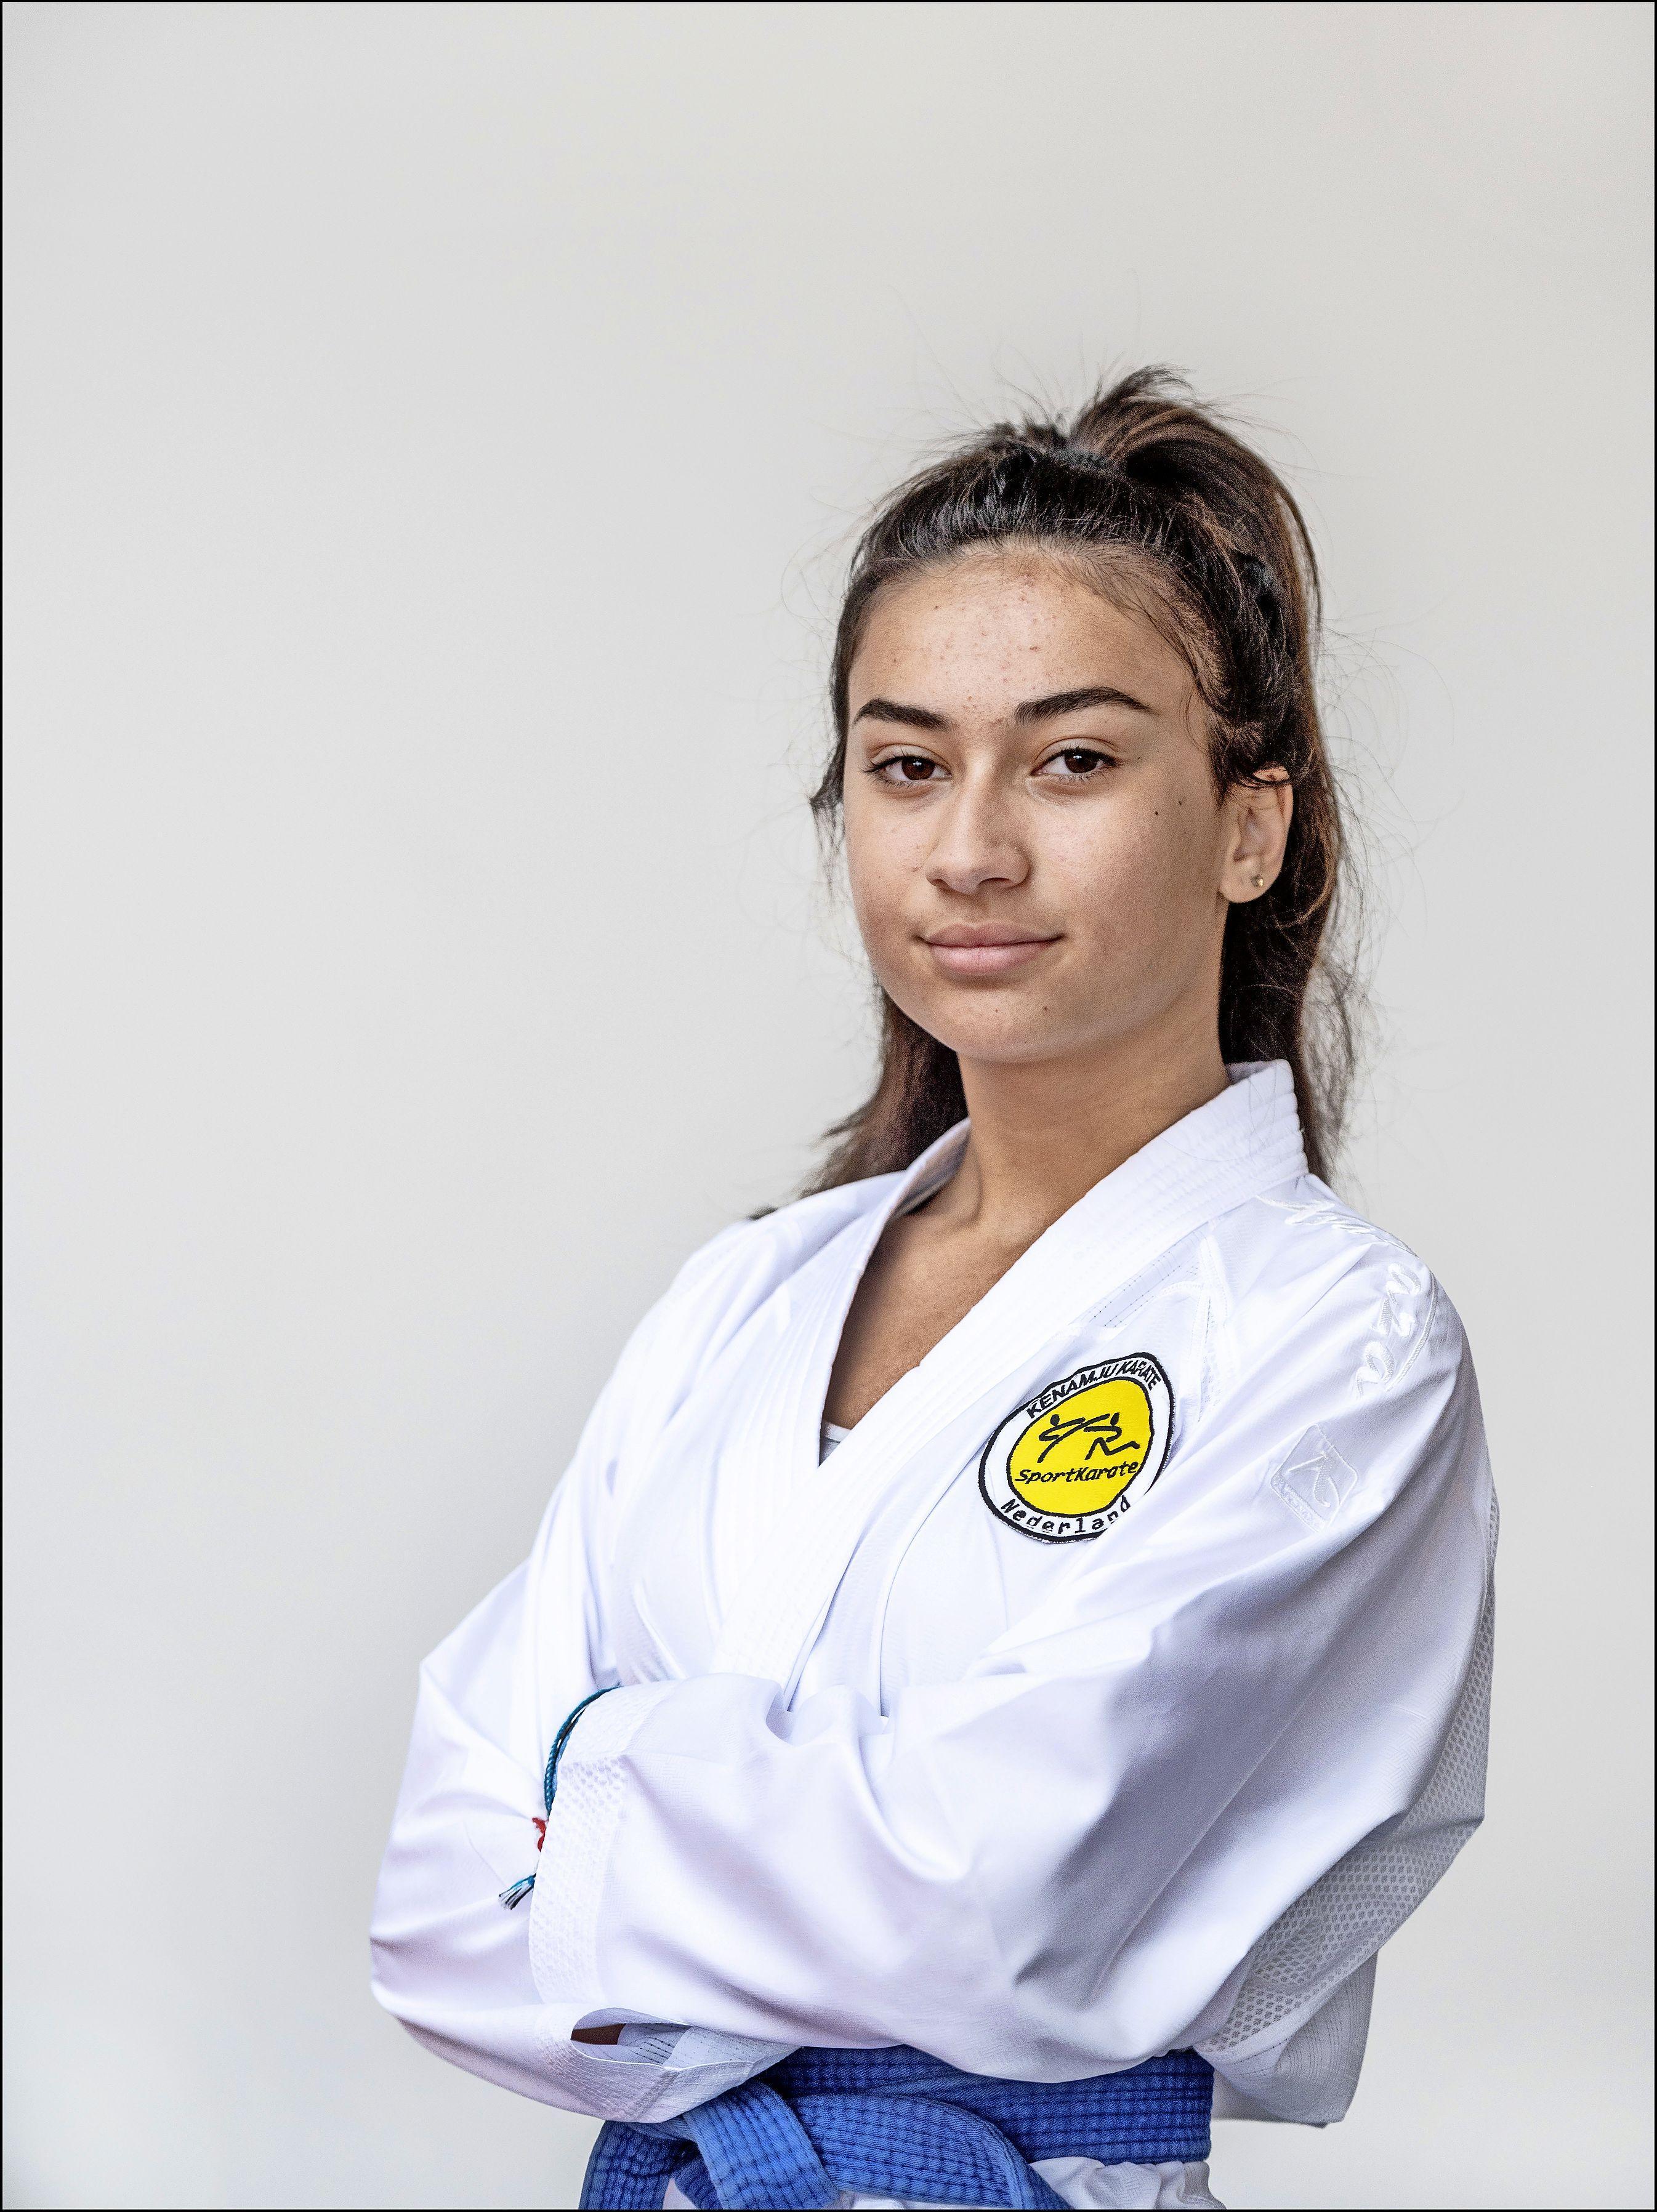 Karateka Samina Yalçin uit Zaandam vecht op EJK in Finland en wil daarna wereldkampioen worden: 'Succes smaakt naar meer'